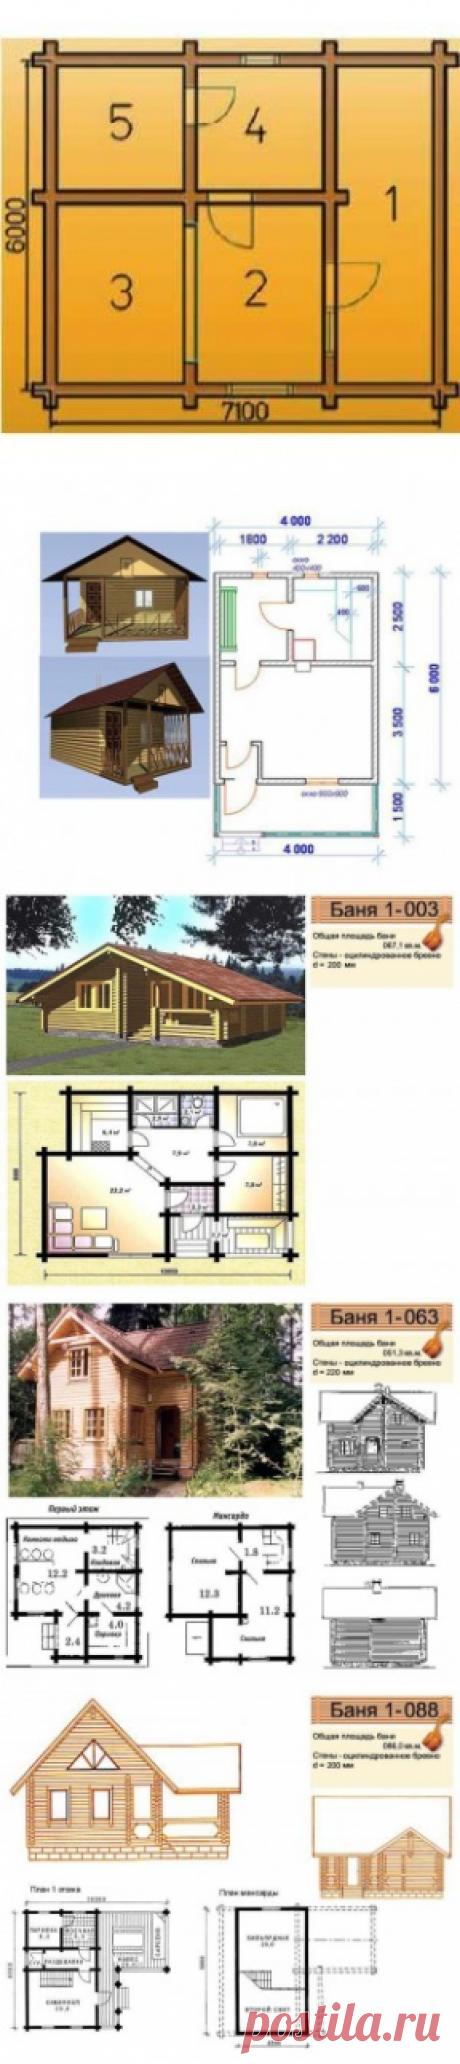 Чертежи бани: особенности планировки строения